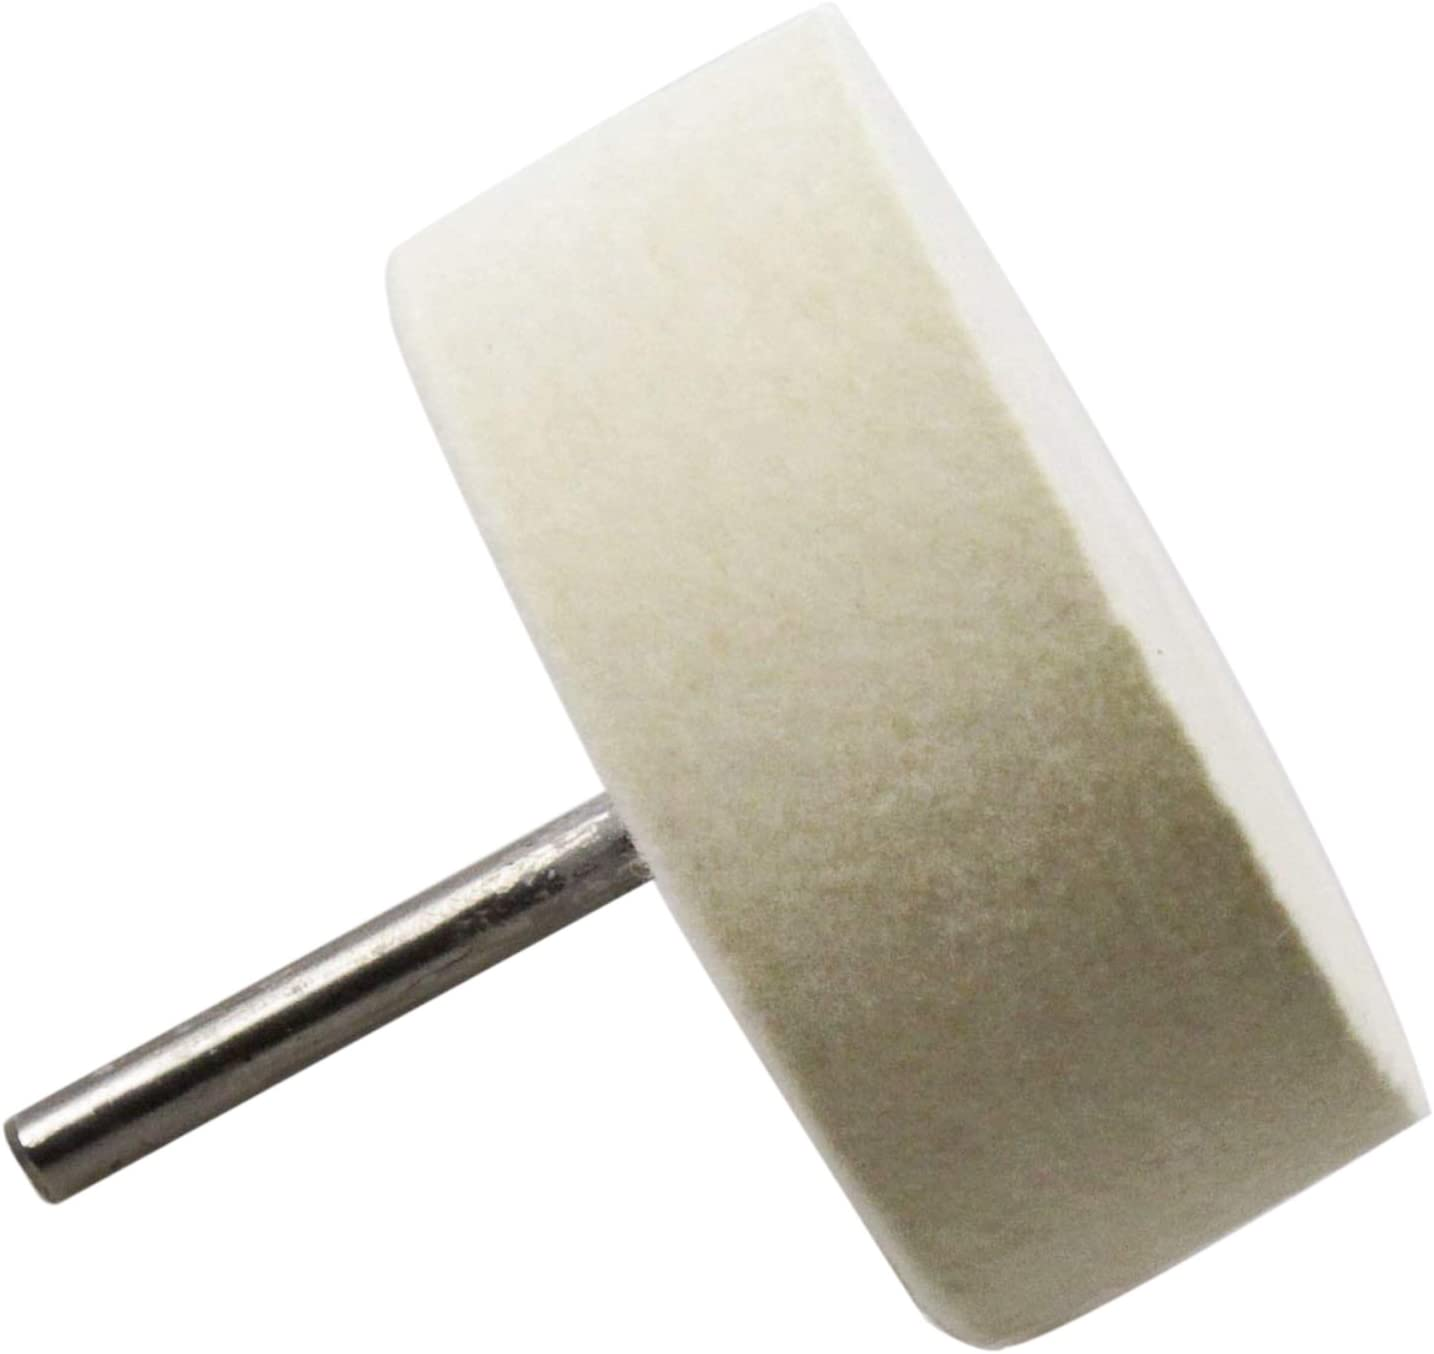 Sutemribor 75mm Felt Polishing Wheel for Use with Cerium Oxide Polishing Powder